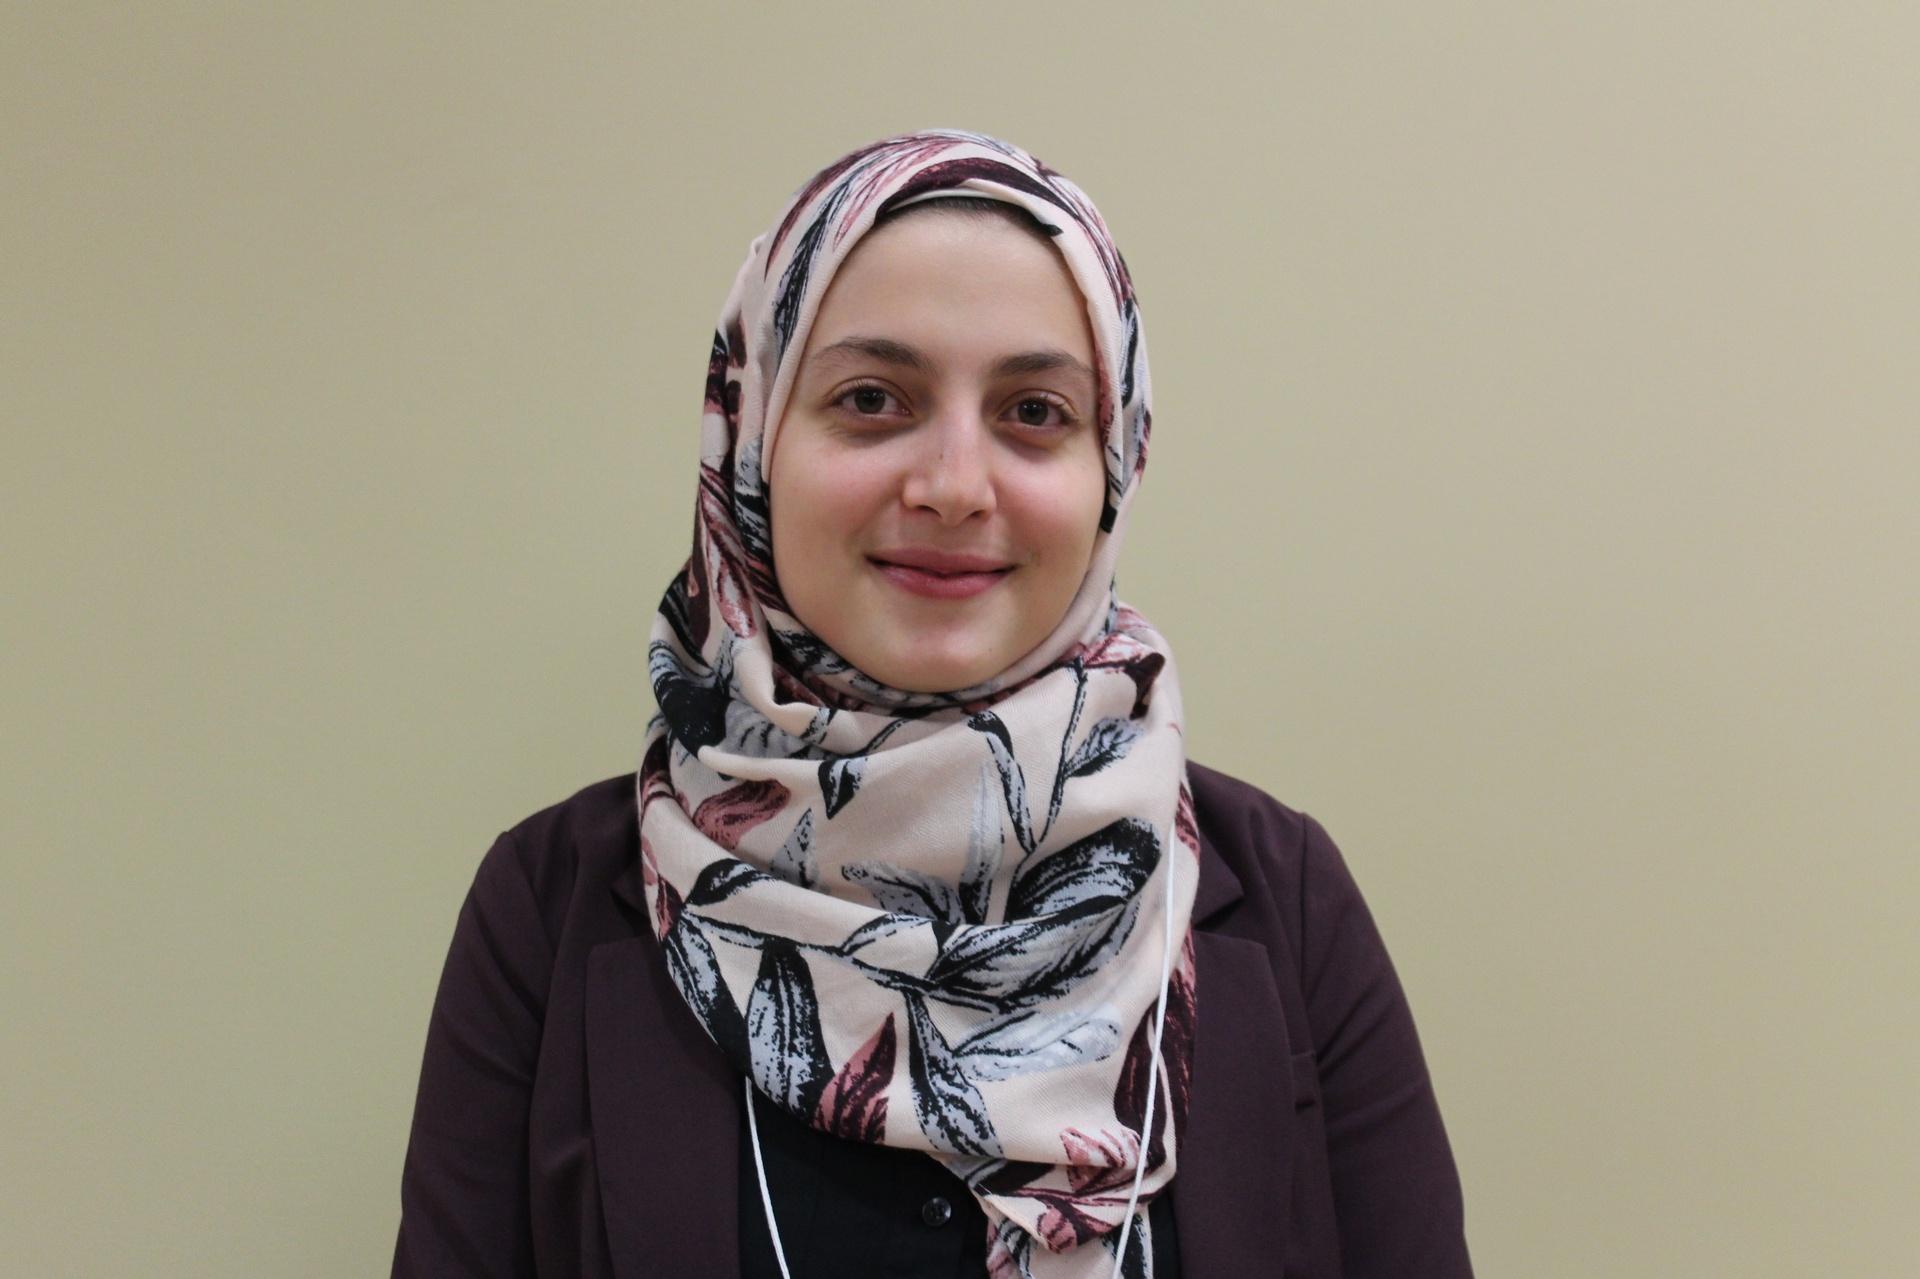 Nusaiba Al-Azem